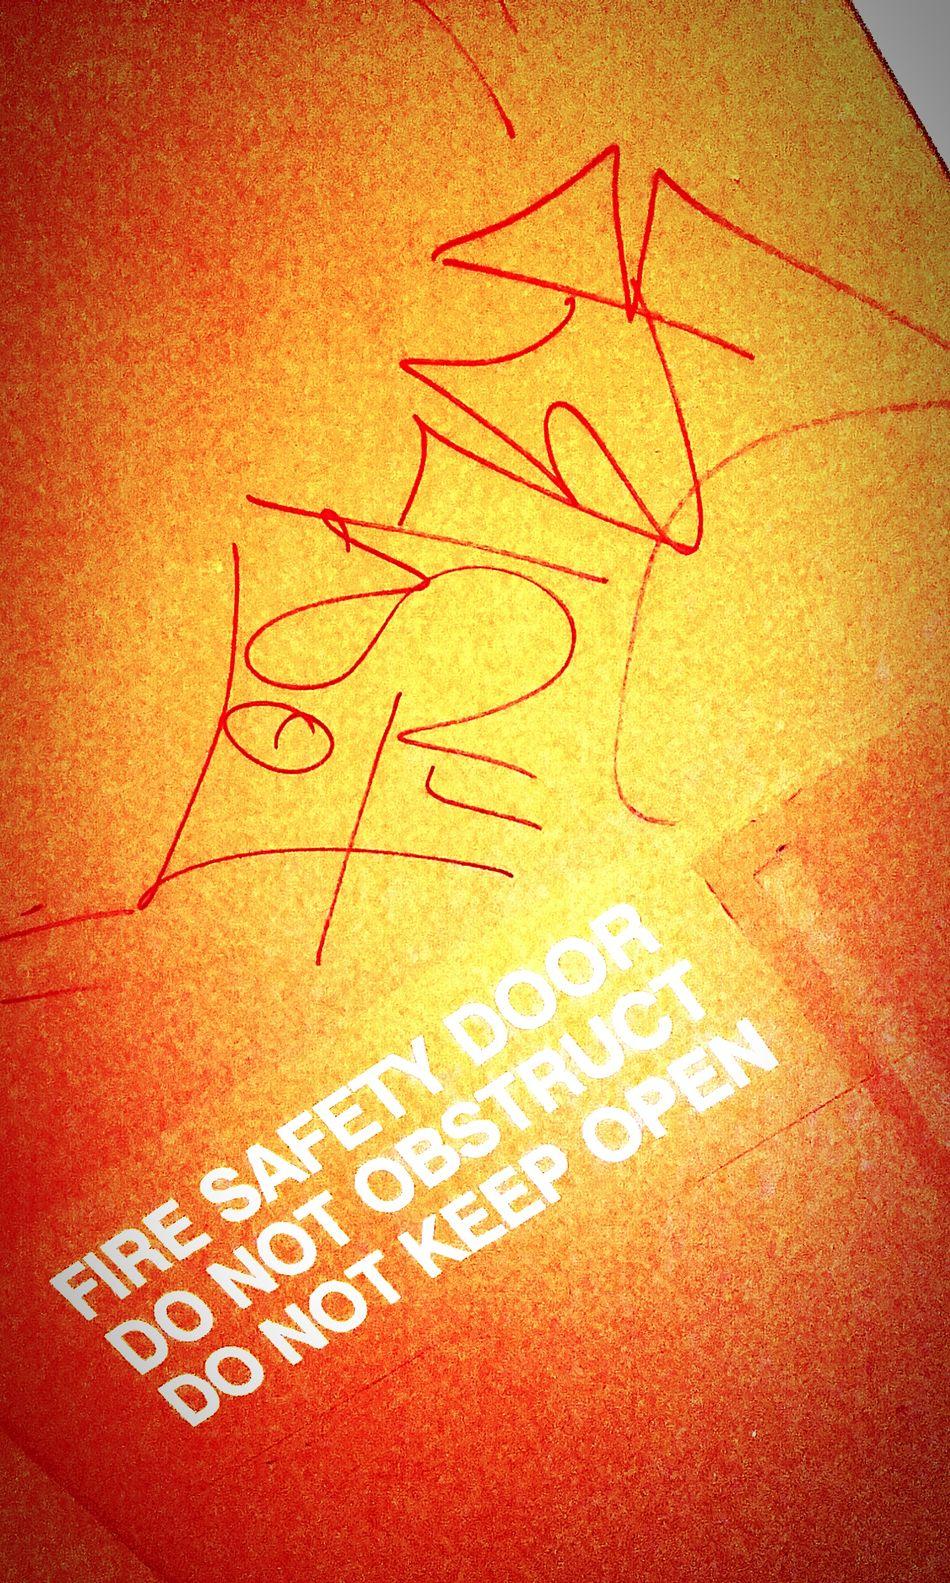 Graffiticollection Graffiti Collection Graffiti Graffitiporn Graffiti Porn Graffiti Vandal Graffitivandal Graffiti Vandals Graffiti Photography Grafftags Graffiti Writers Graffiti Walls Tagging It Up Fire Door Keep Shut Fire Door Urban Tag  Firedoor Urban Tagging Graffitti Tagging Do Not Obstruct Fire Escape Urban Graffiti Fire Safety Doors Fire Safety Door